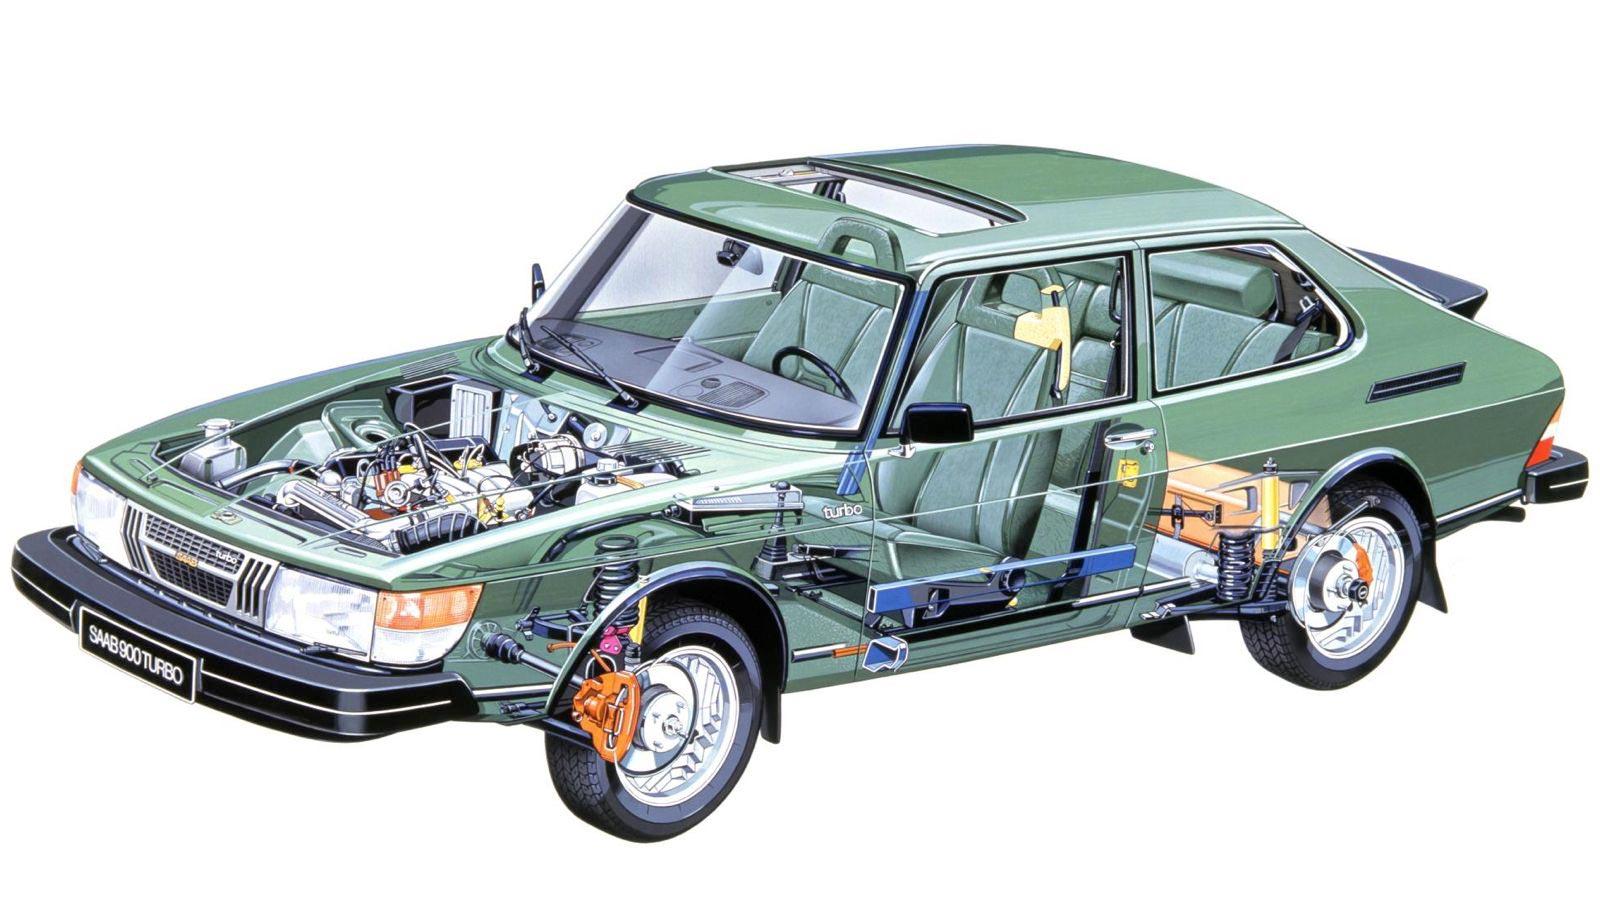 Saab 900 cutaway